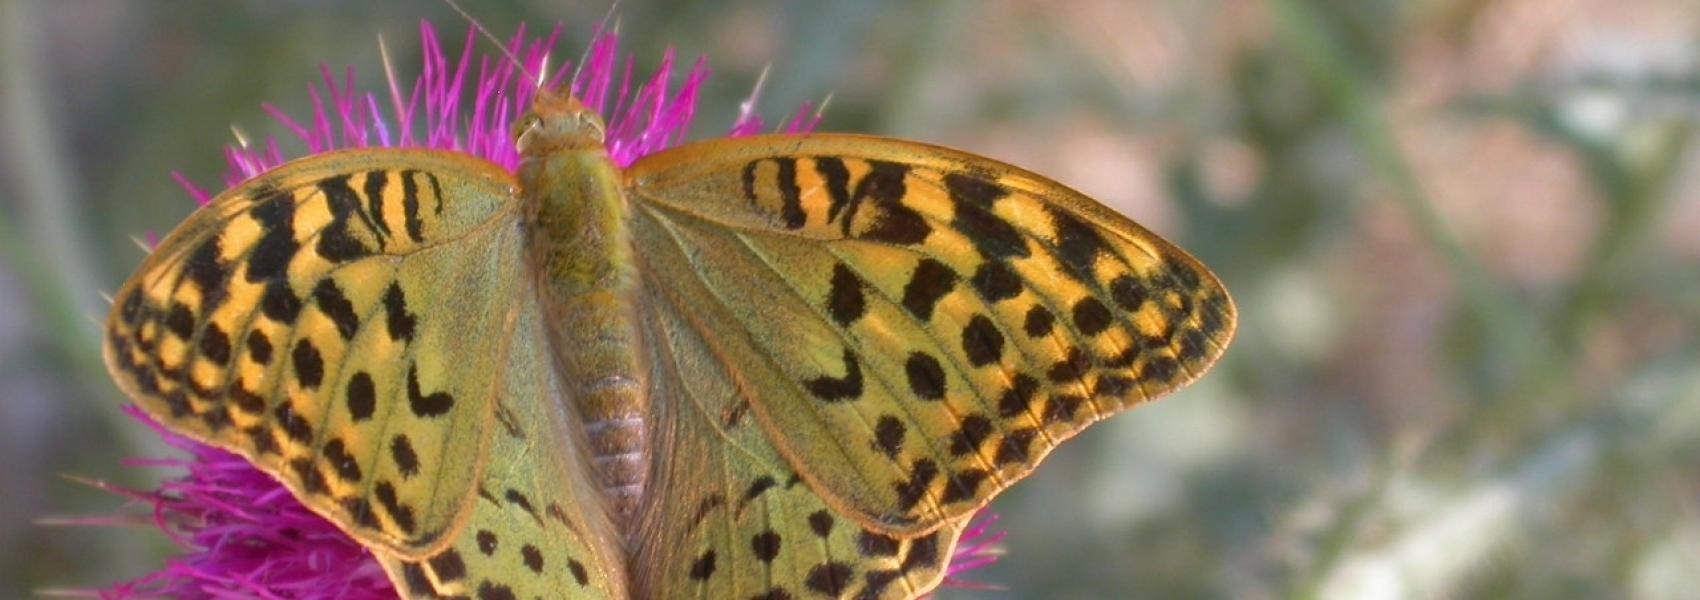 keizersmantel (vlinder)